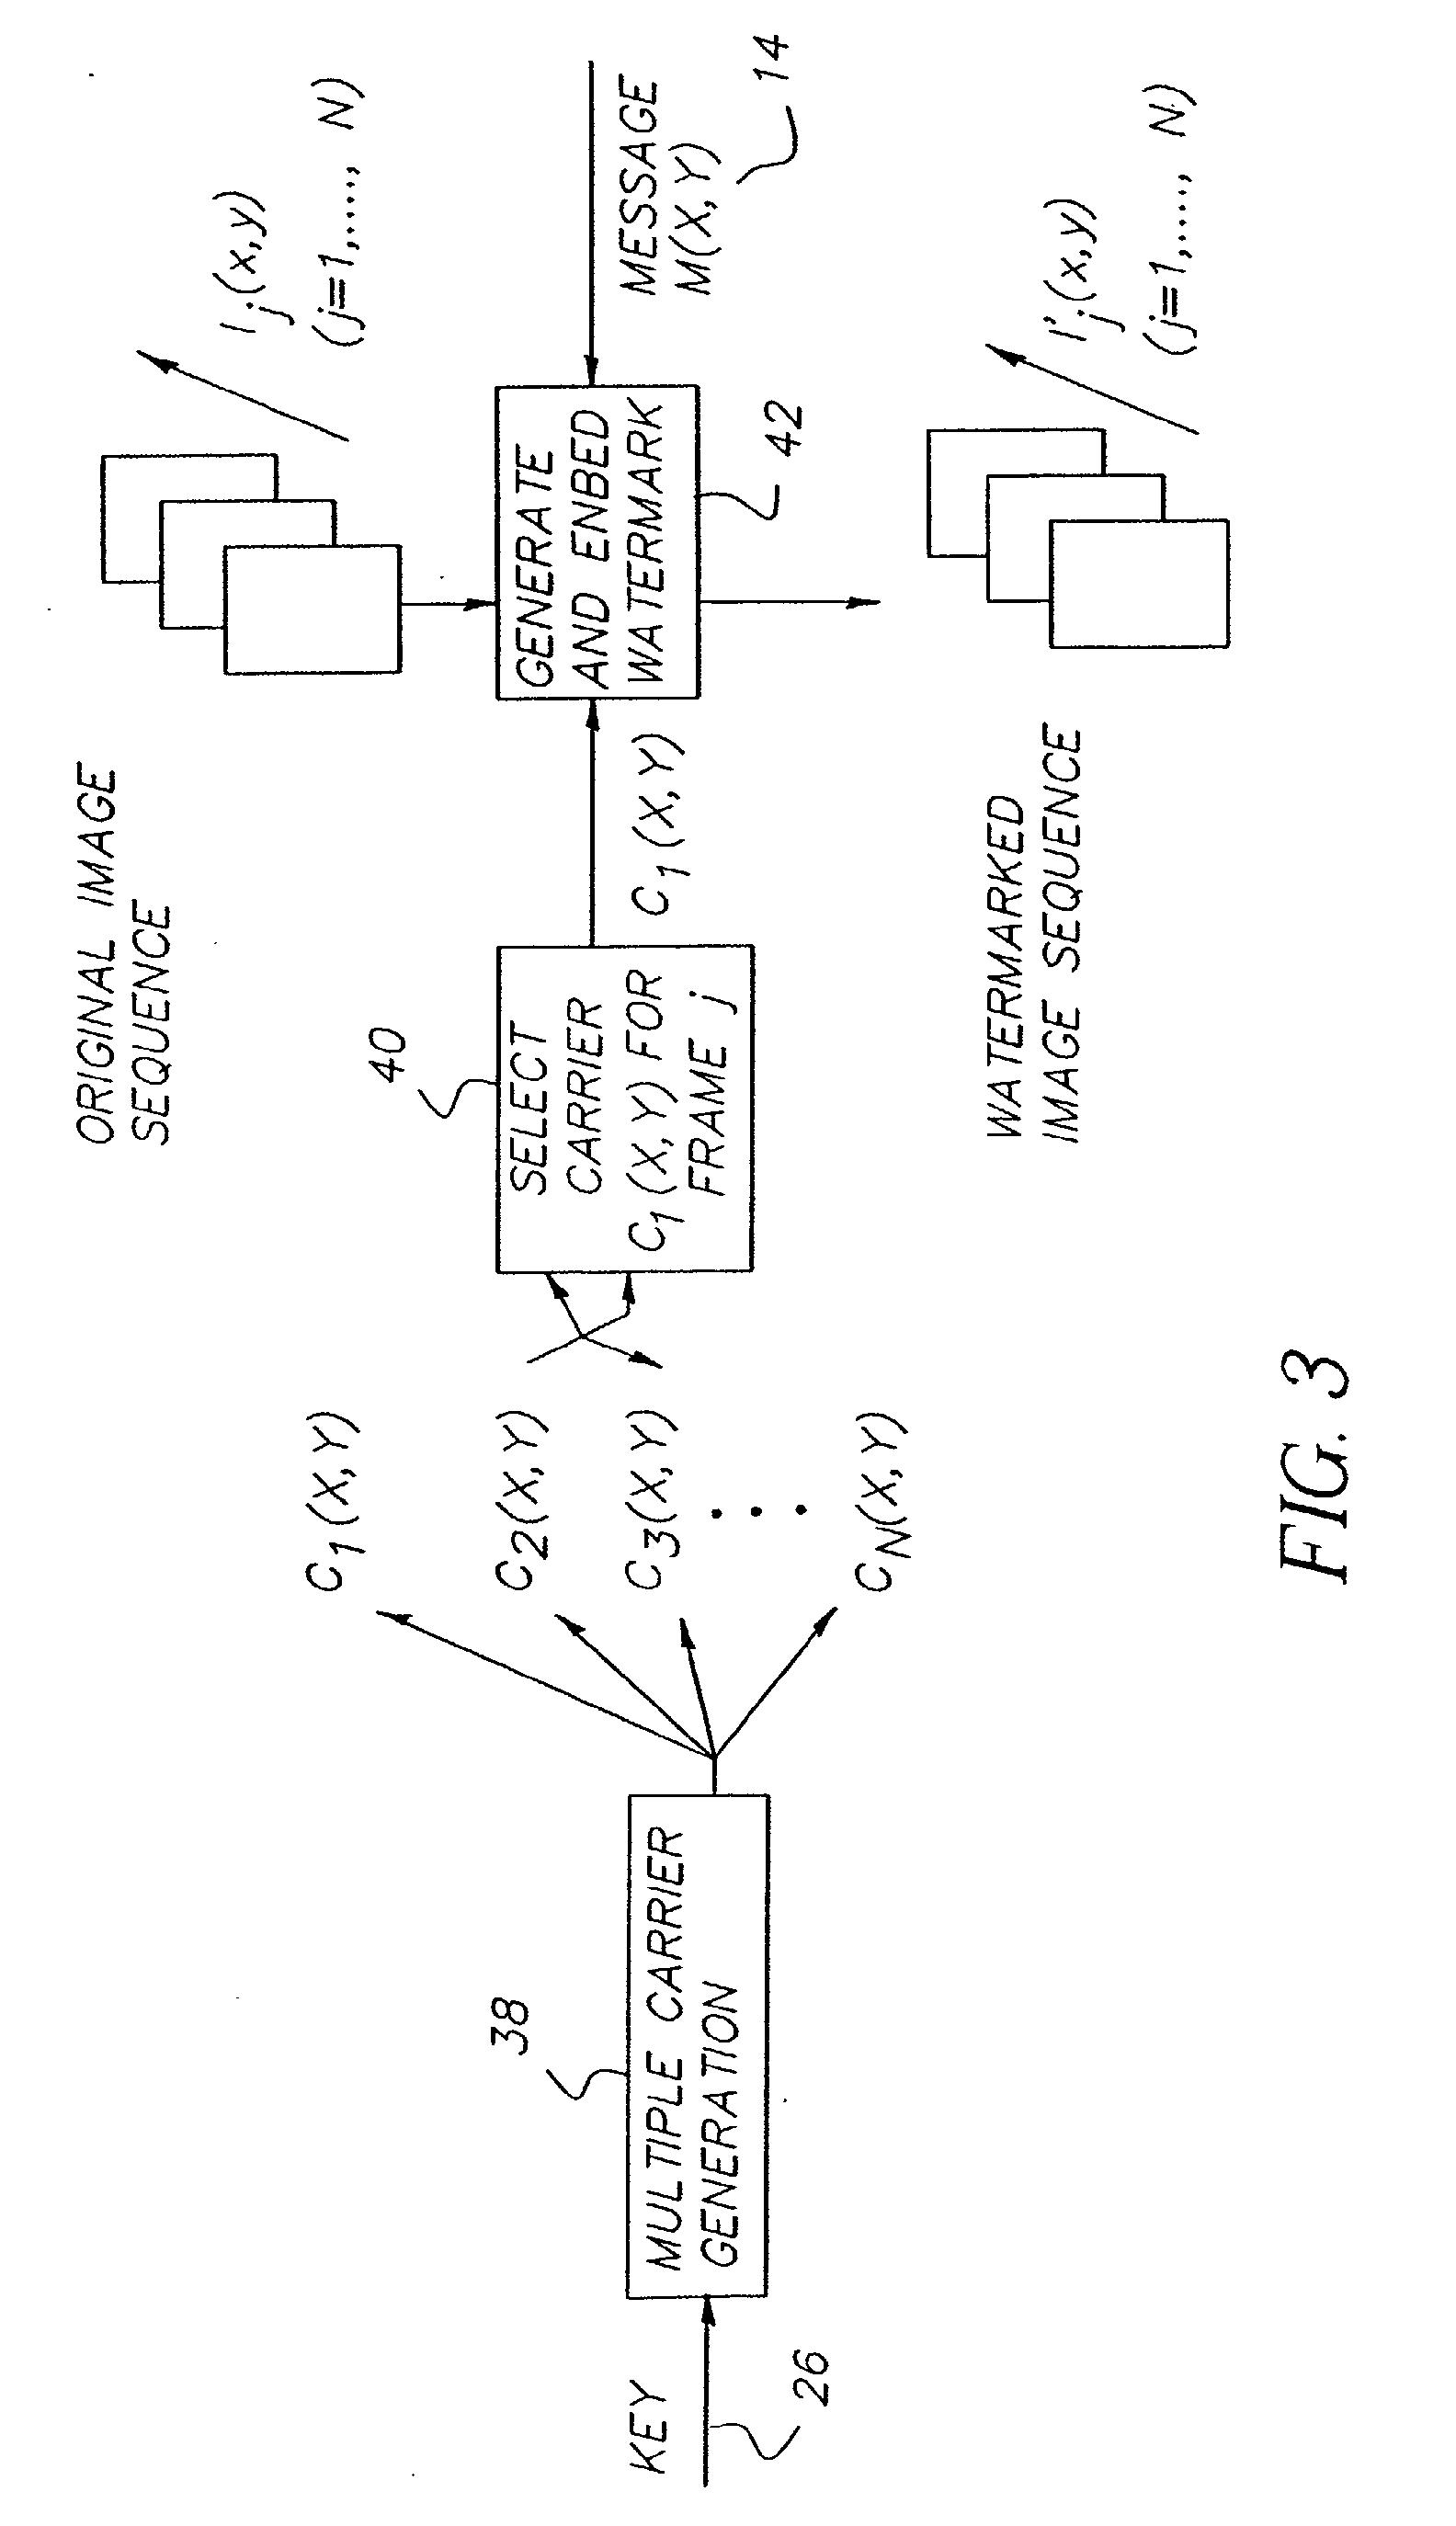 专利ep1217840a2 - système